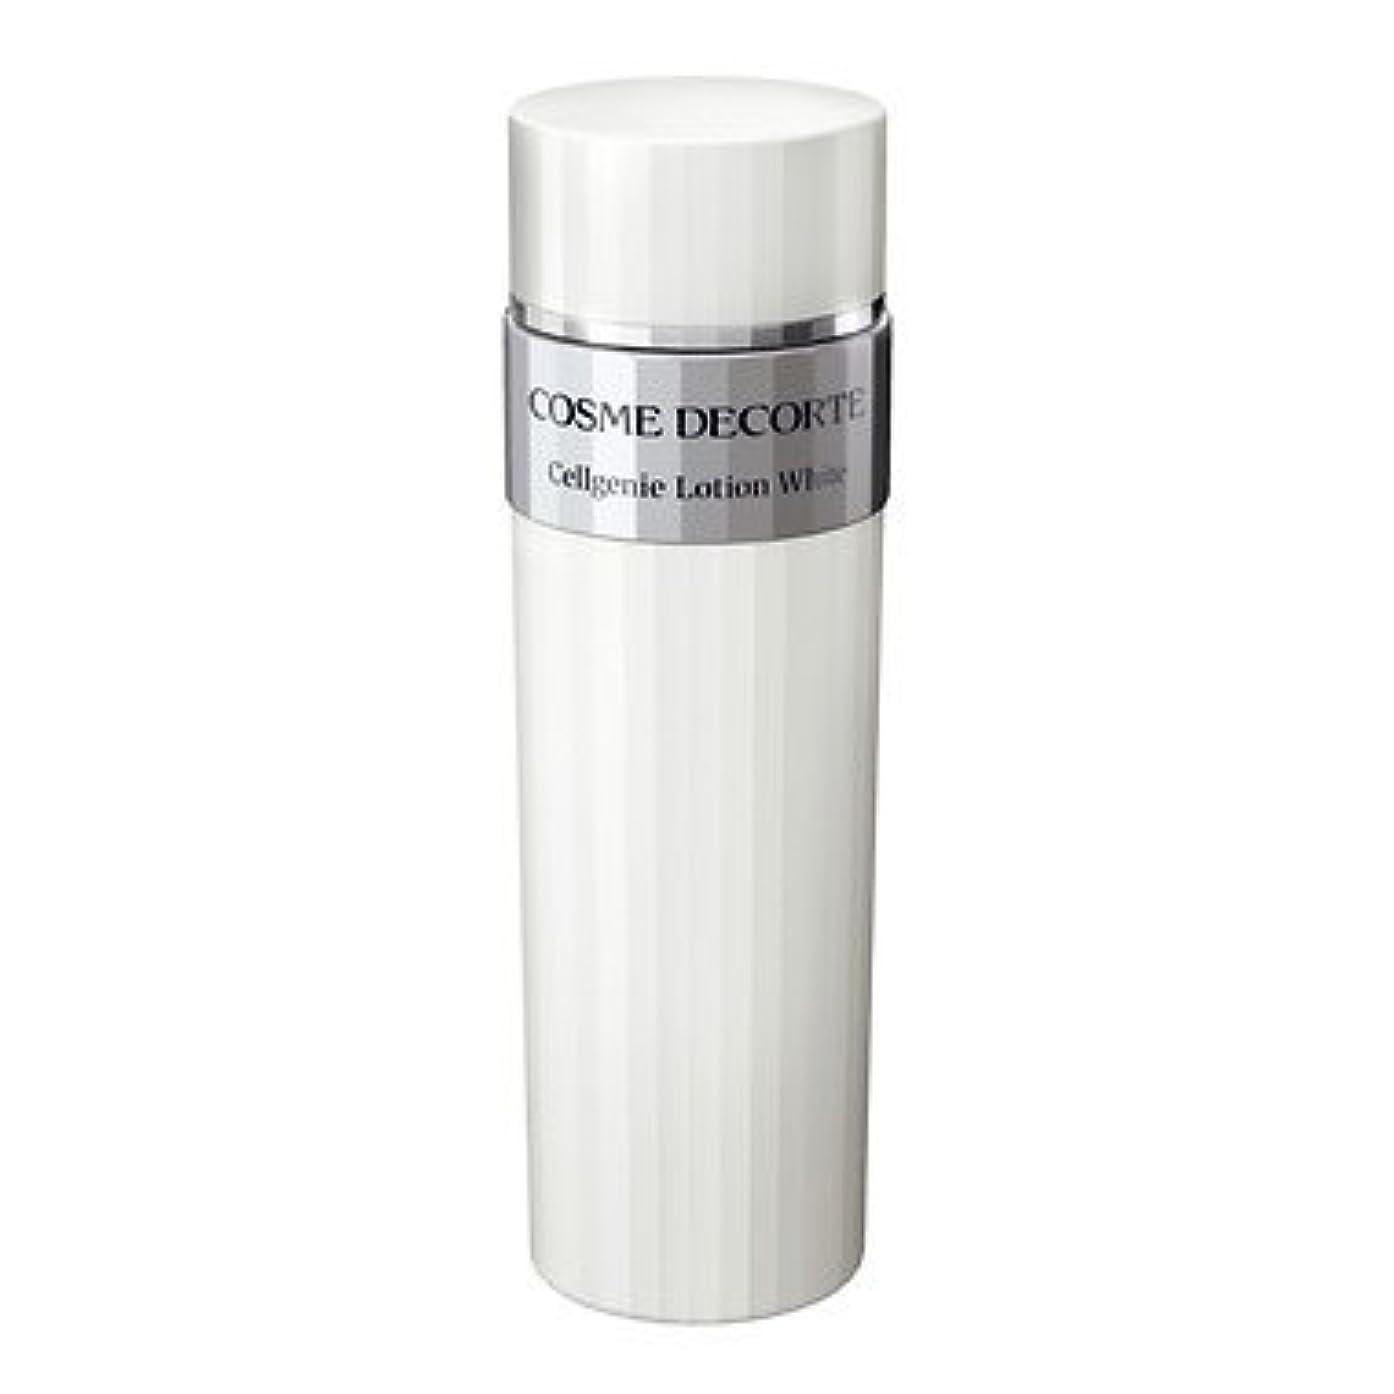 六月リダクター麦芽COSME DECORTE コーセー/KOSE セルジェニーローションホワイト 200ml [362916] [並行輸入品]